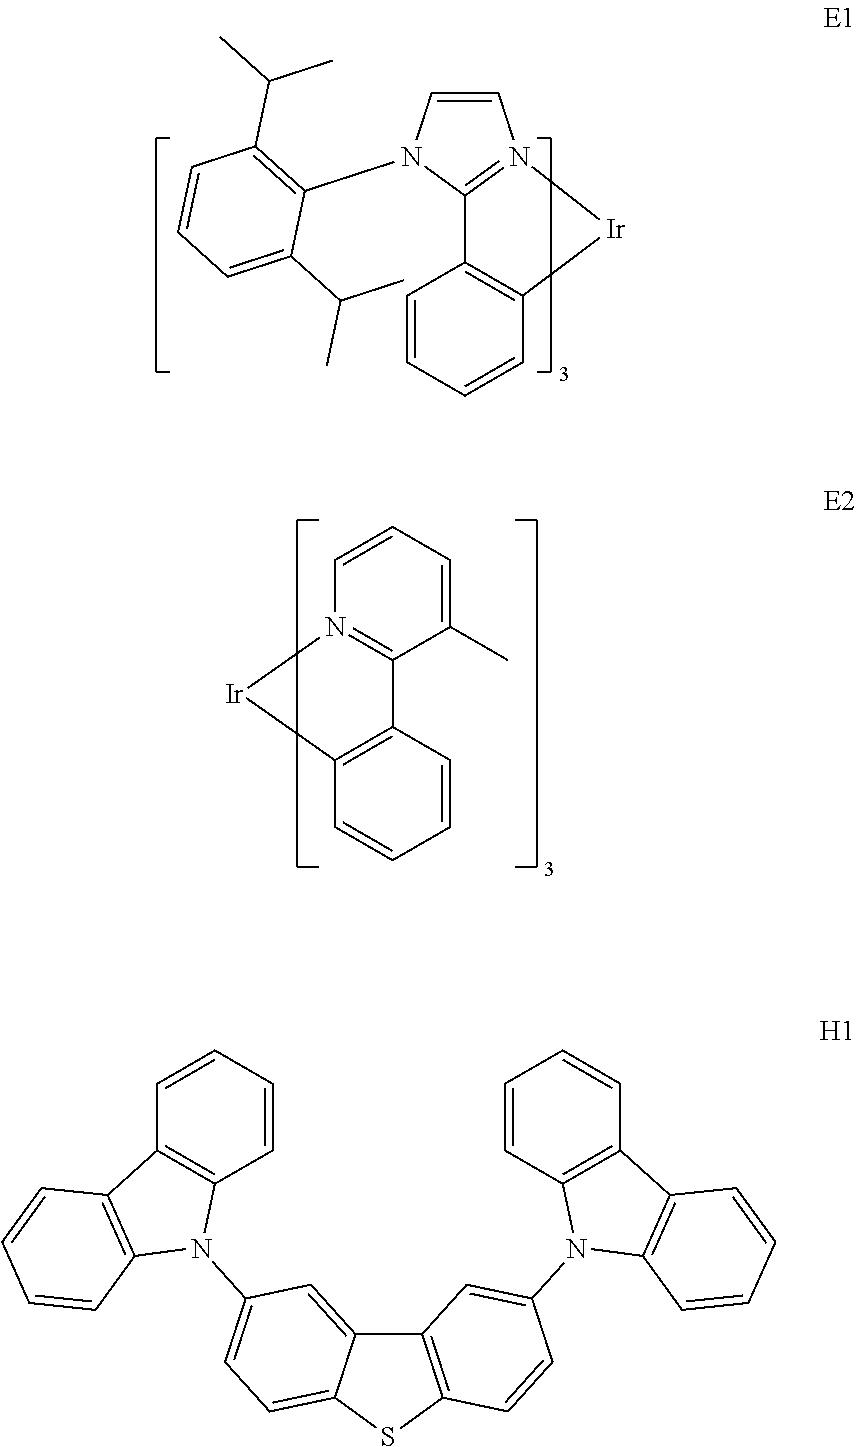 Figure US20110204333A1-20110825-C00249